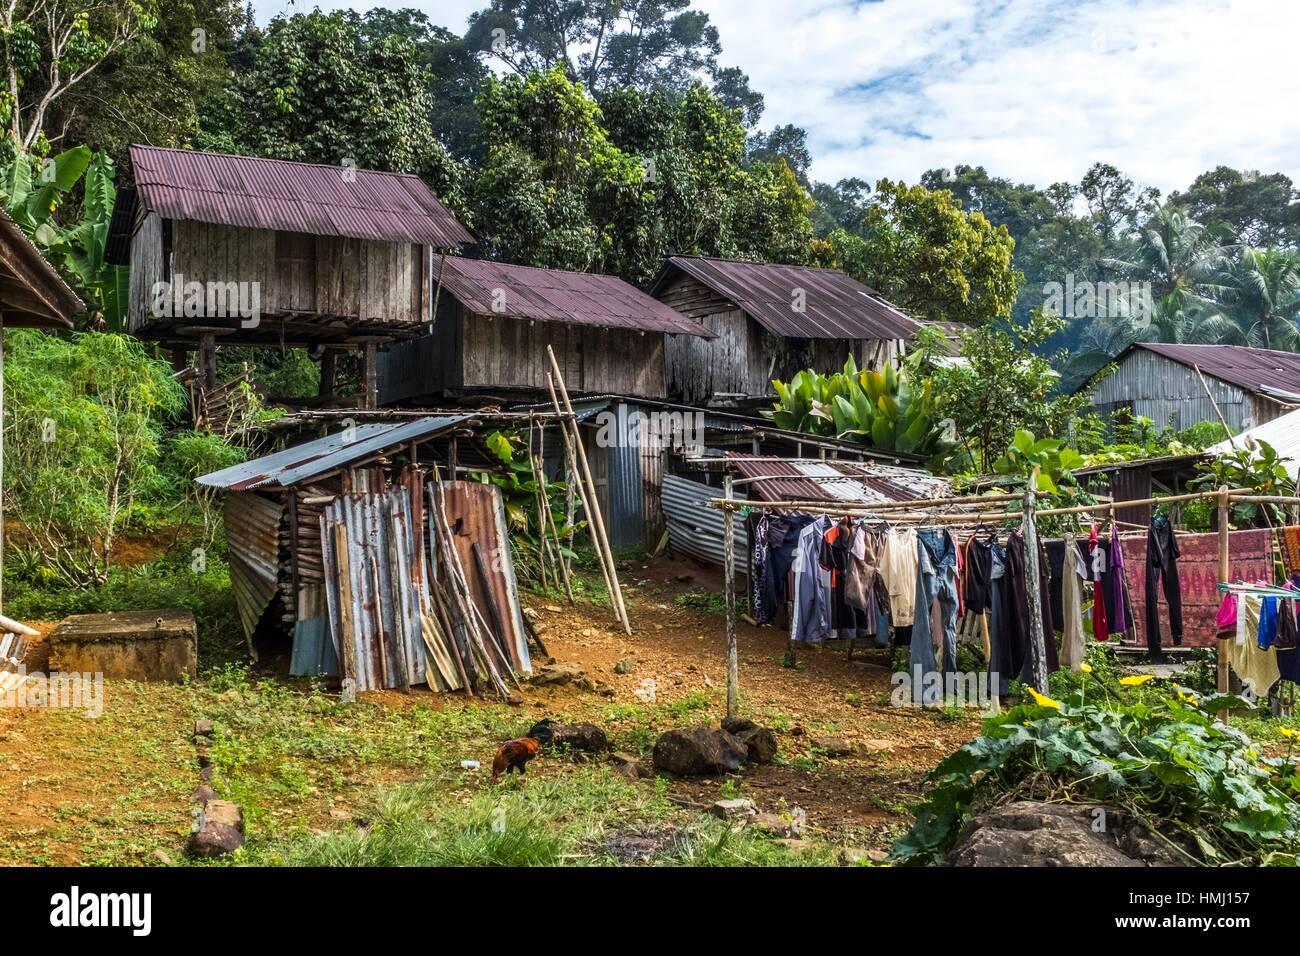 A Bidayuh storage house in Kampung Tarat, Serian, Sarawak, Malaysia. - Stock Image